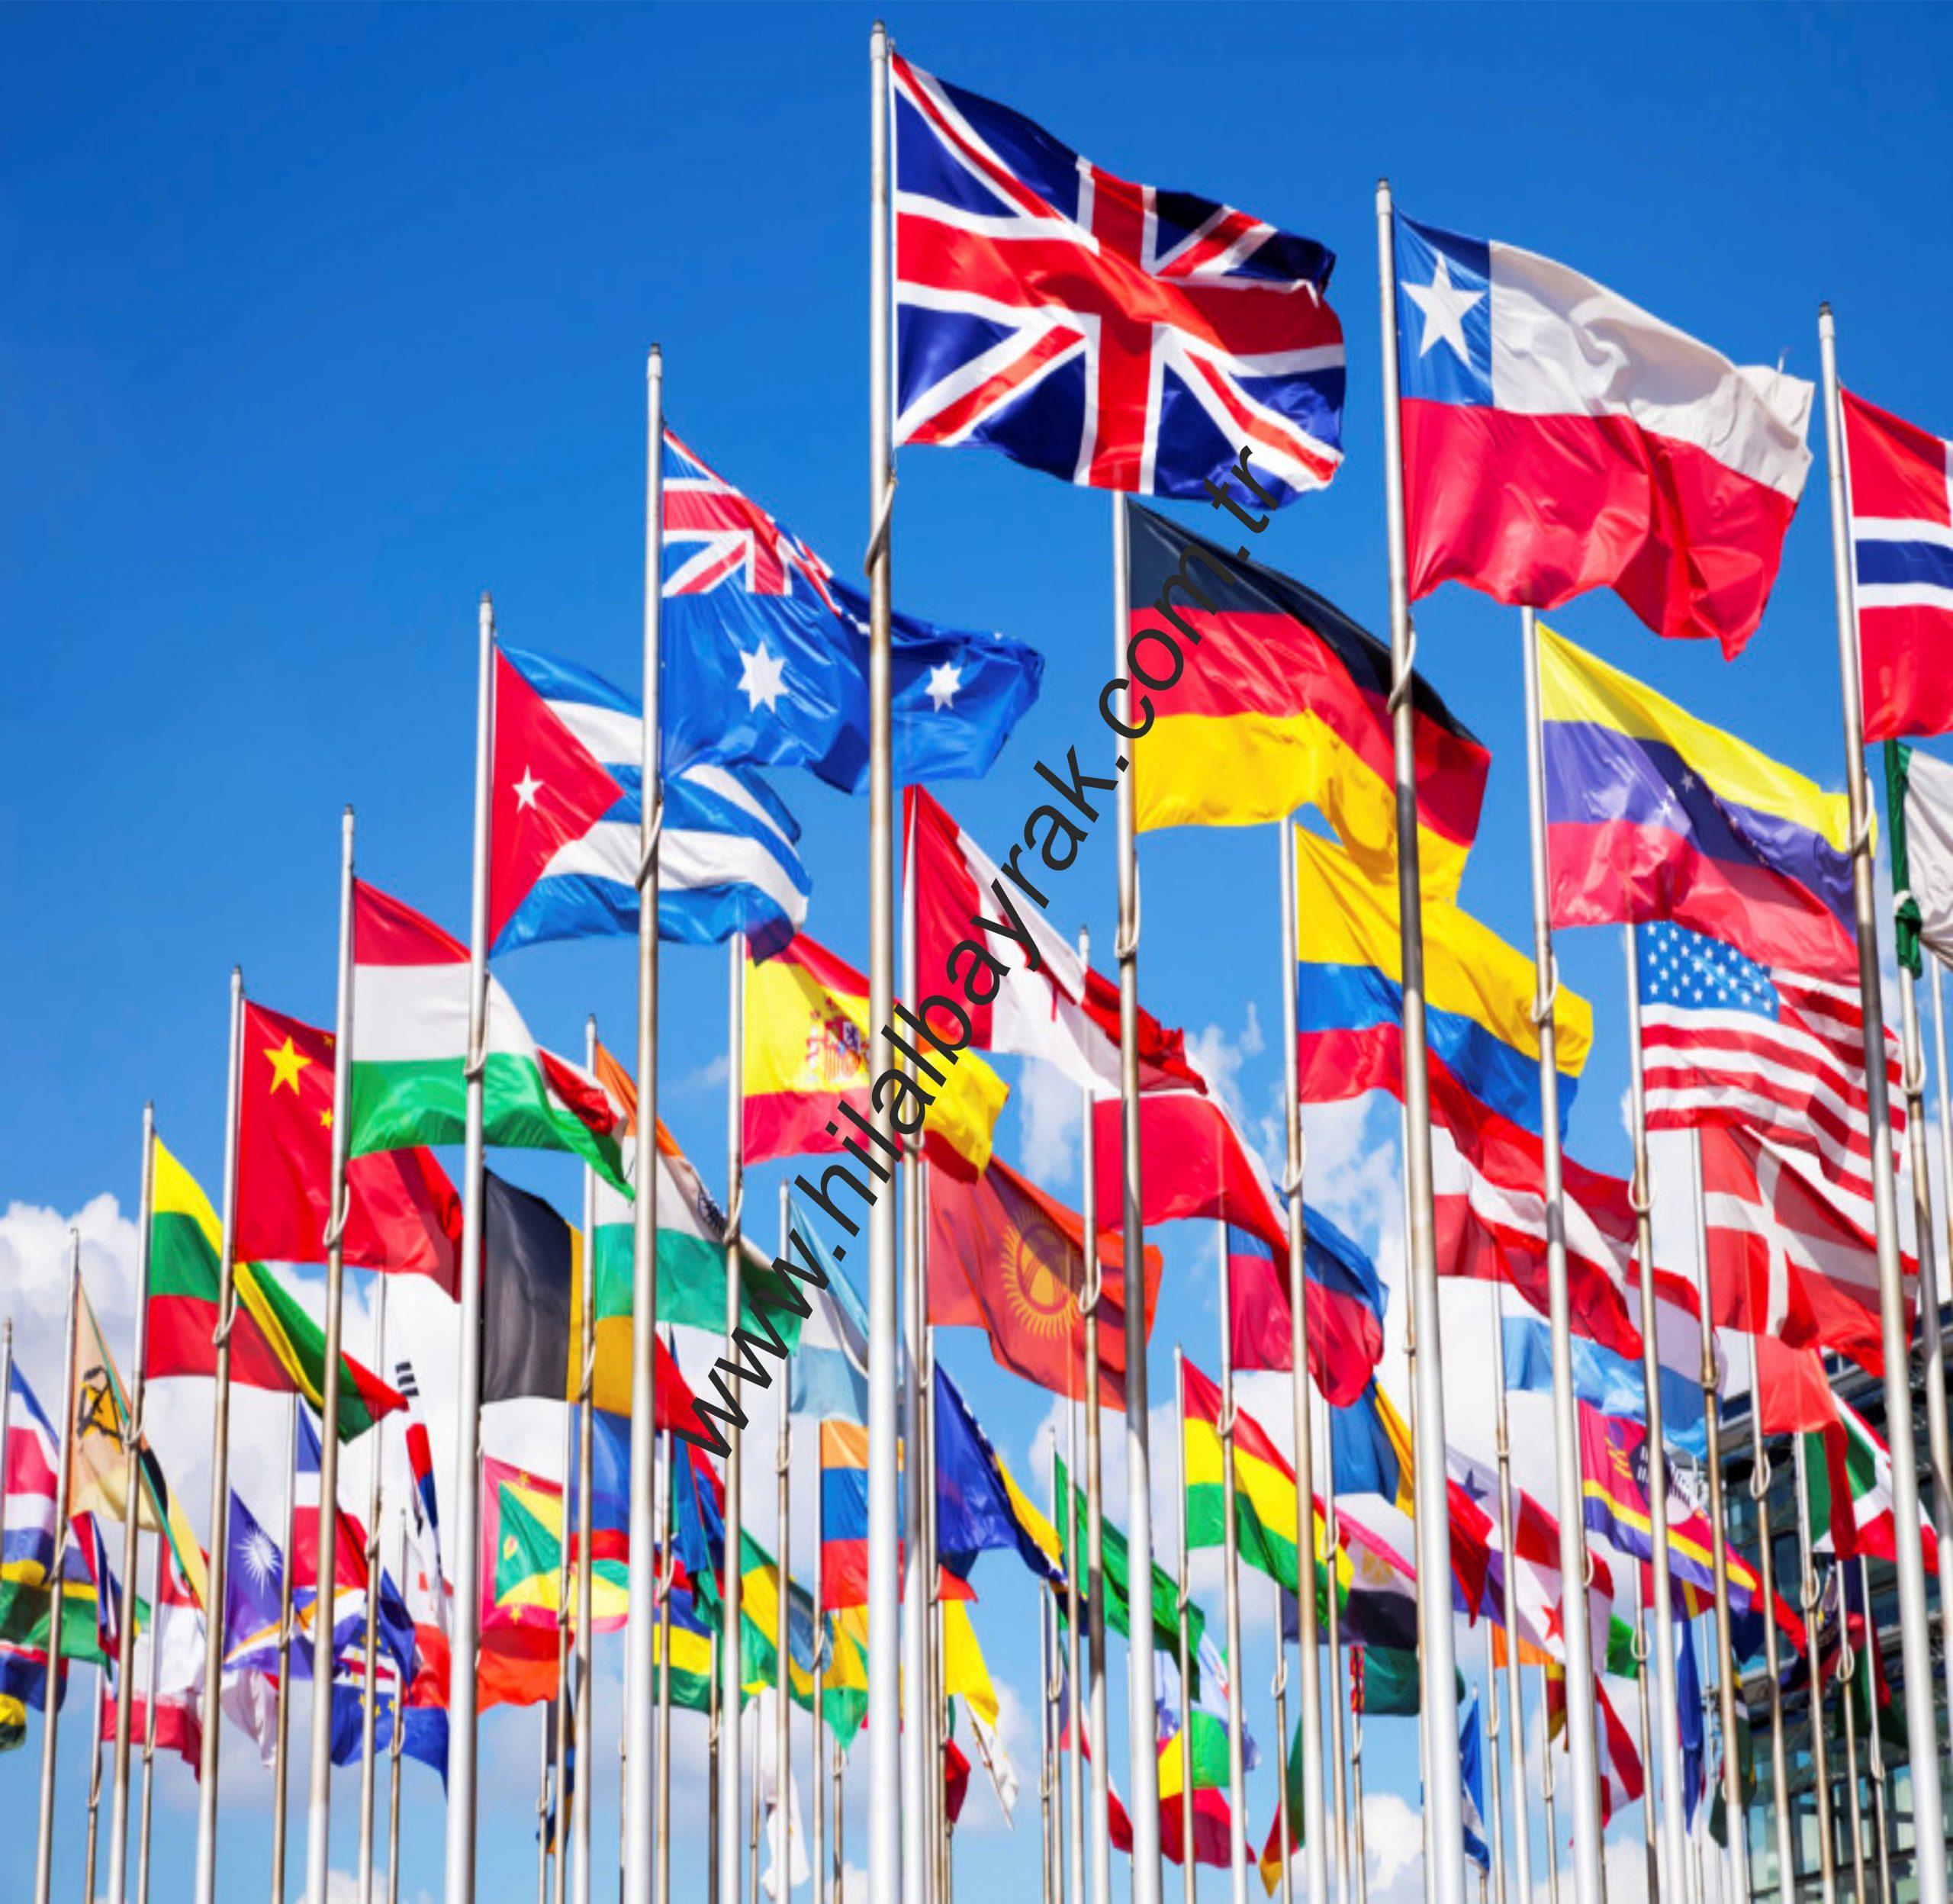 Yabancı ülke, bayrakları, Yabancı bayraklar, ulusal bayraklar ülke Bayrak İmalatı, ülke Flama Bayrak, yabancı Bayrakları, ulusal Bayrakları, flama Bayrak Ümraniye